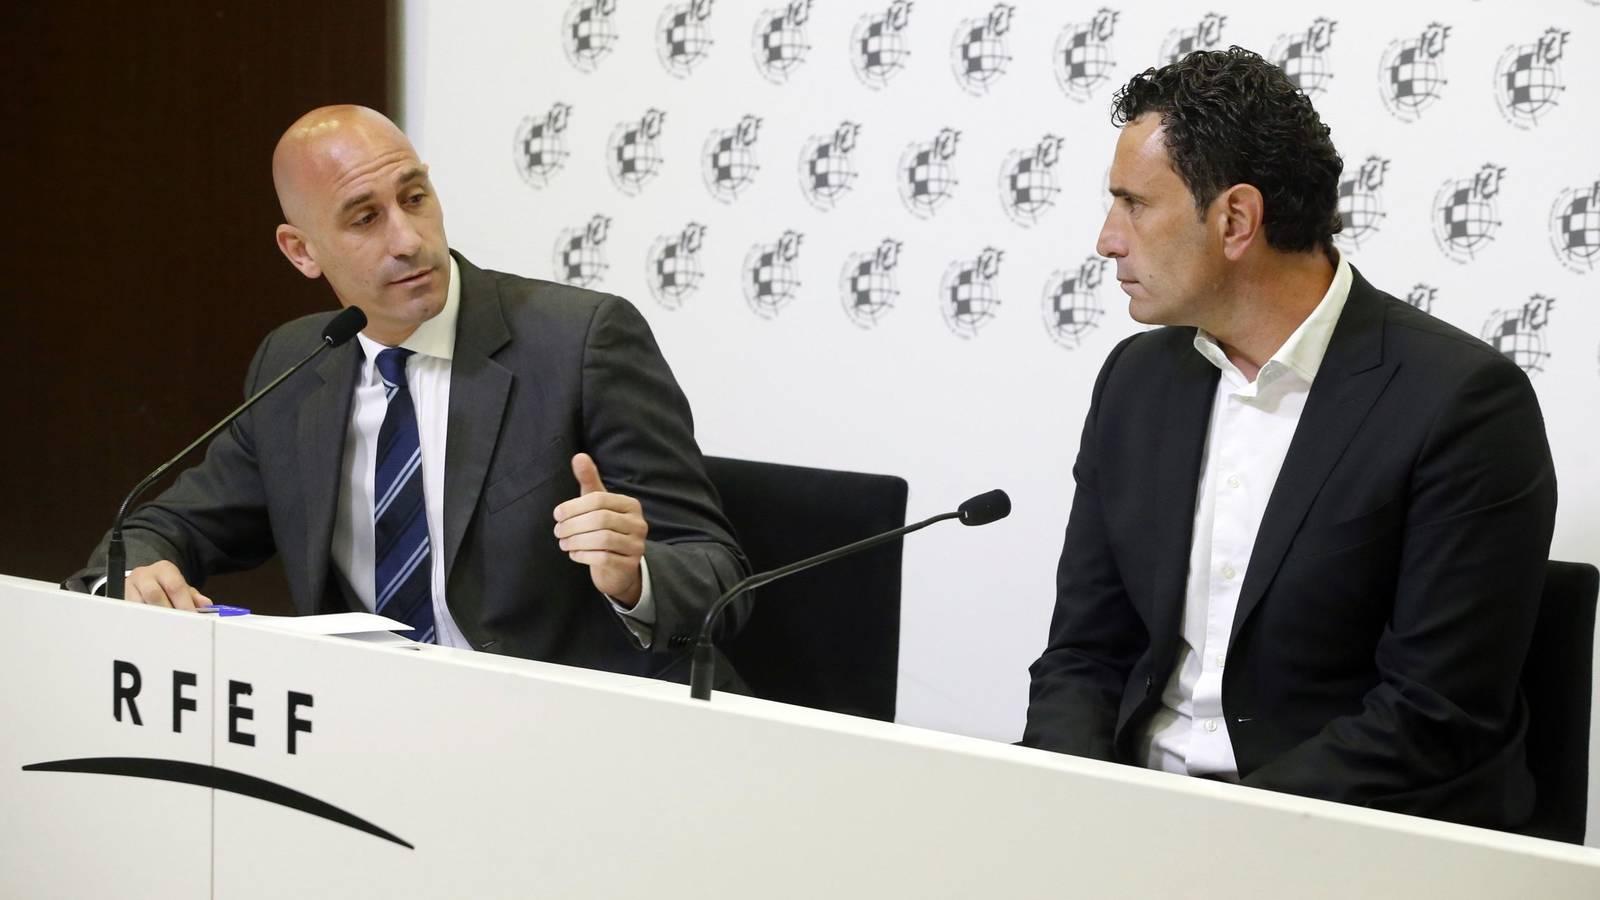 有事宣布?西班牙足协主席将与国家队总监举行新闻发布会